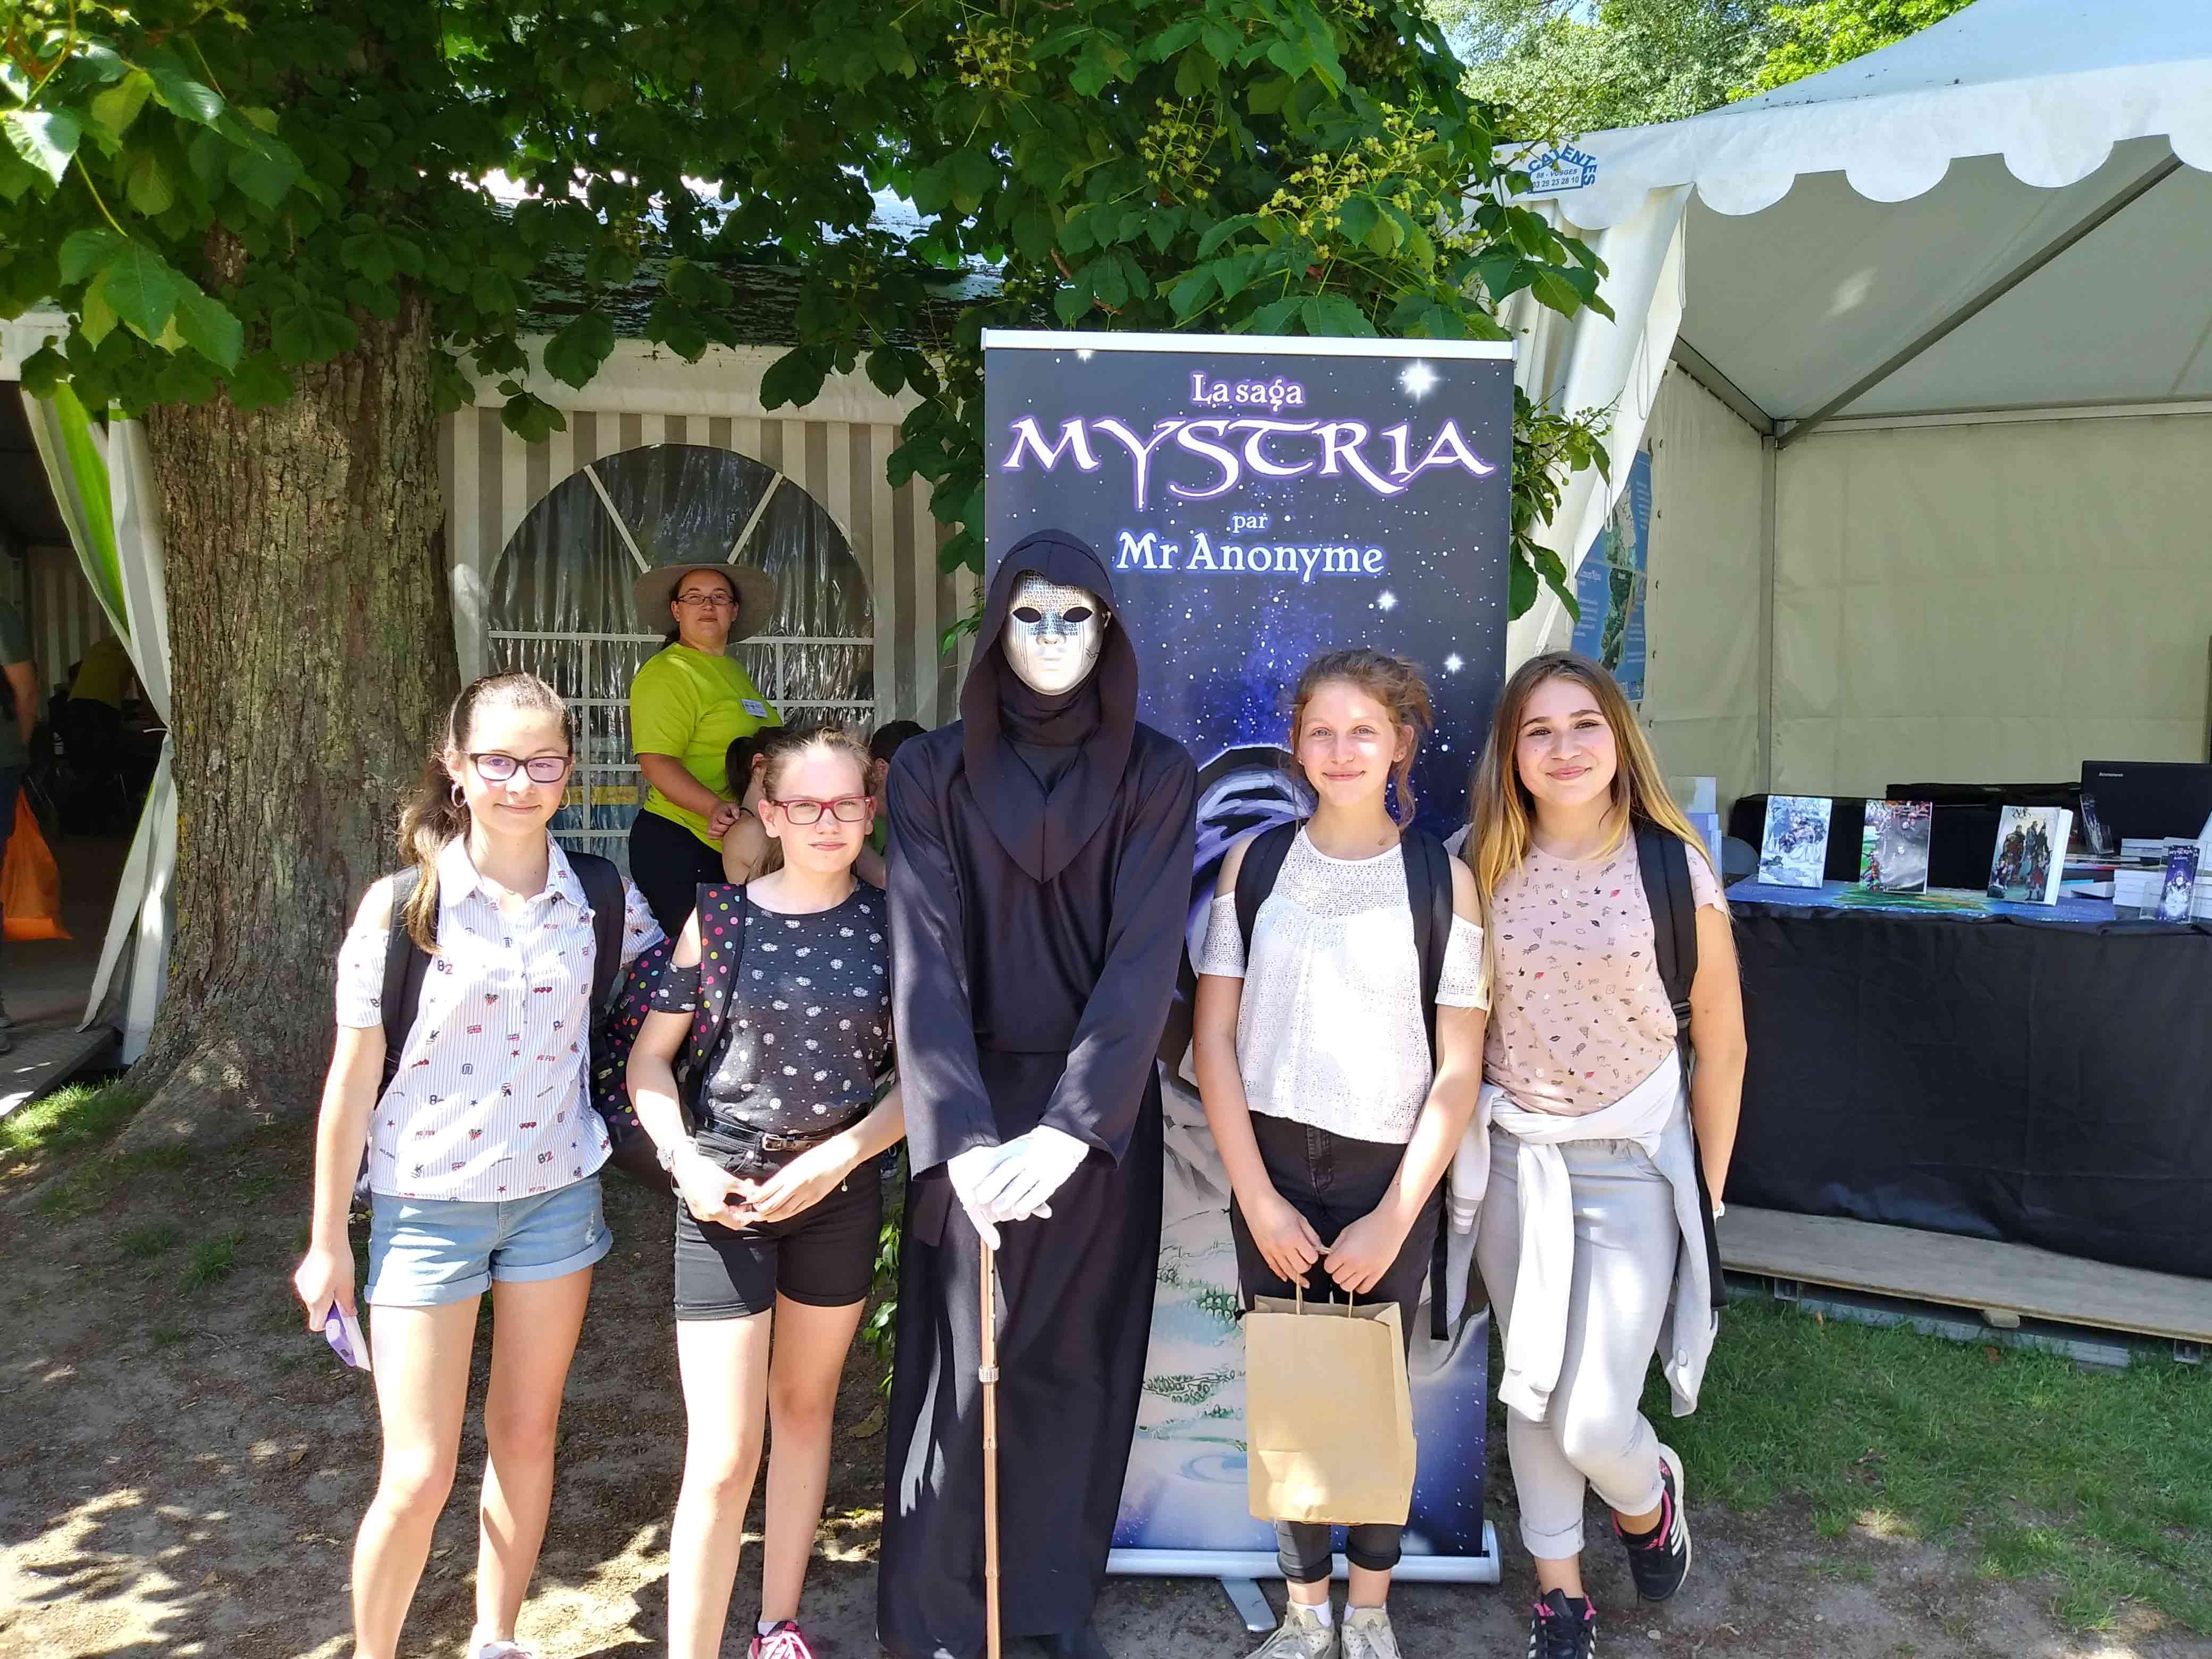 Mystriennes exploratrices